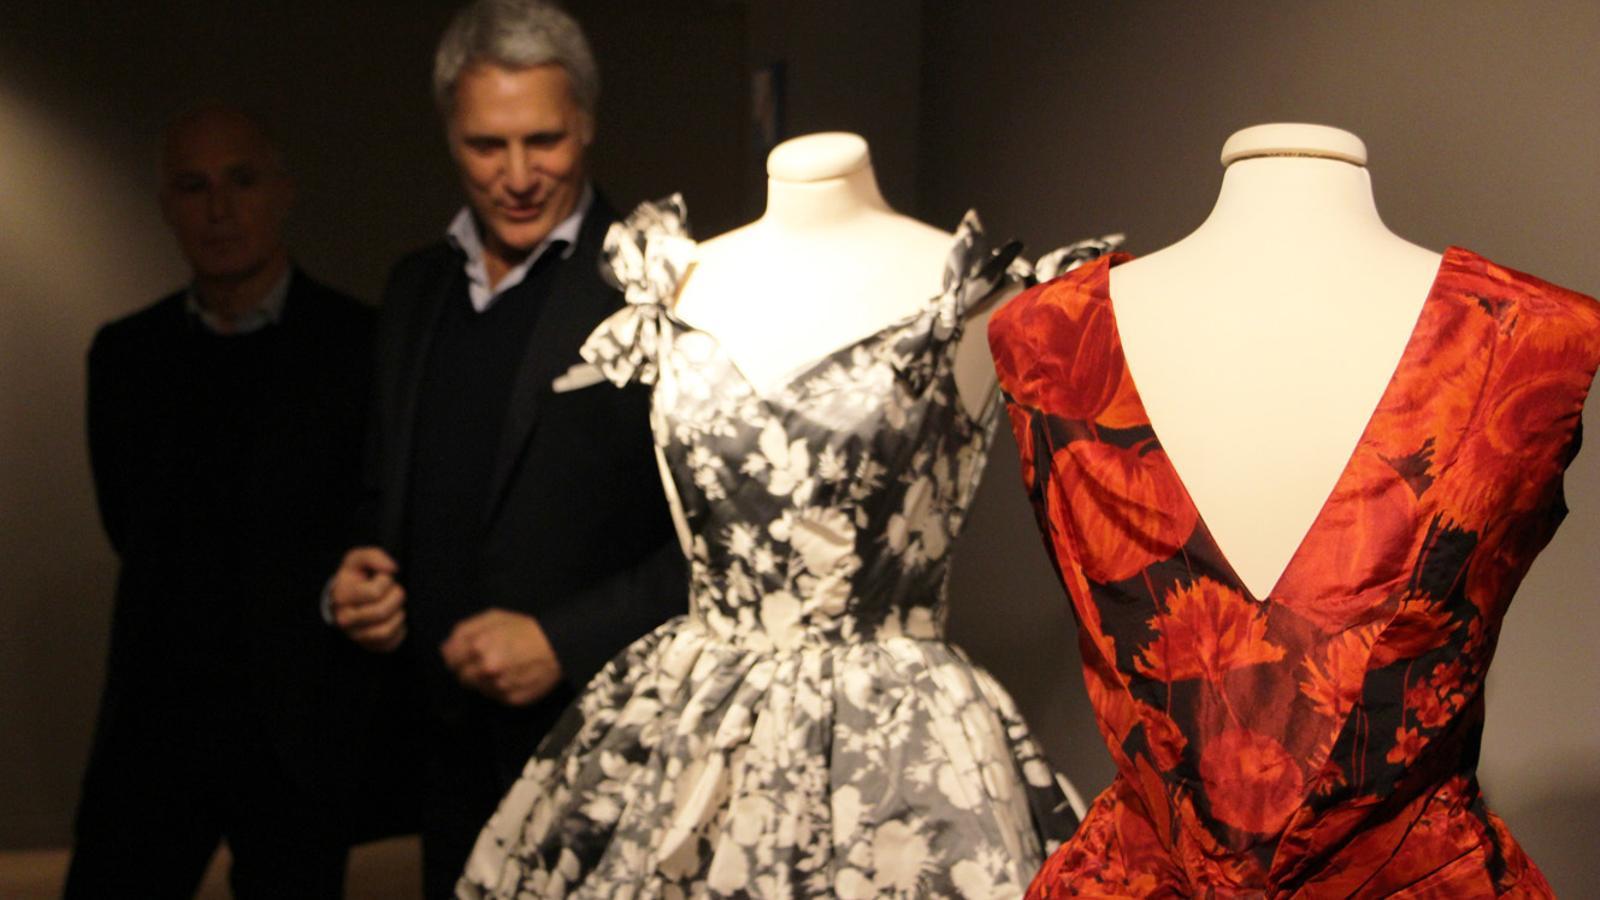 Enrico Quinto i Paolo Tinarelli durant la visita guiada a l'exposició 'La moda als anys 60: de l'entusiasme a la realitat'. / T. N. (ANA)